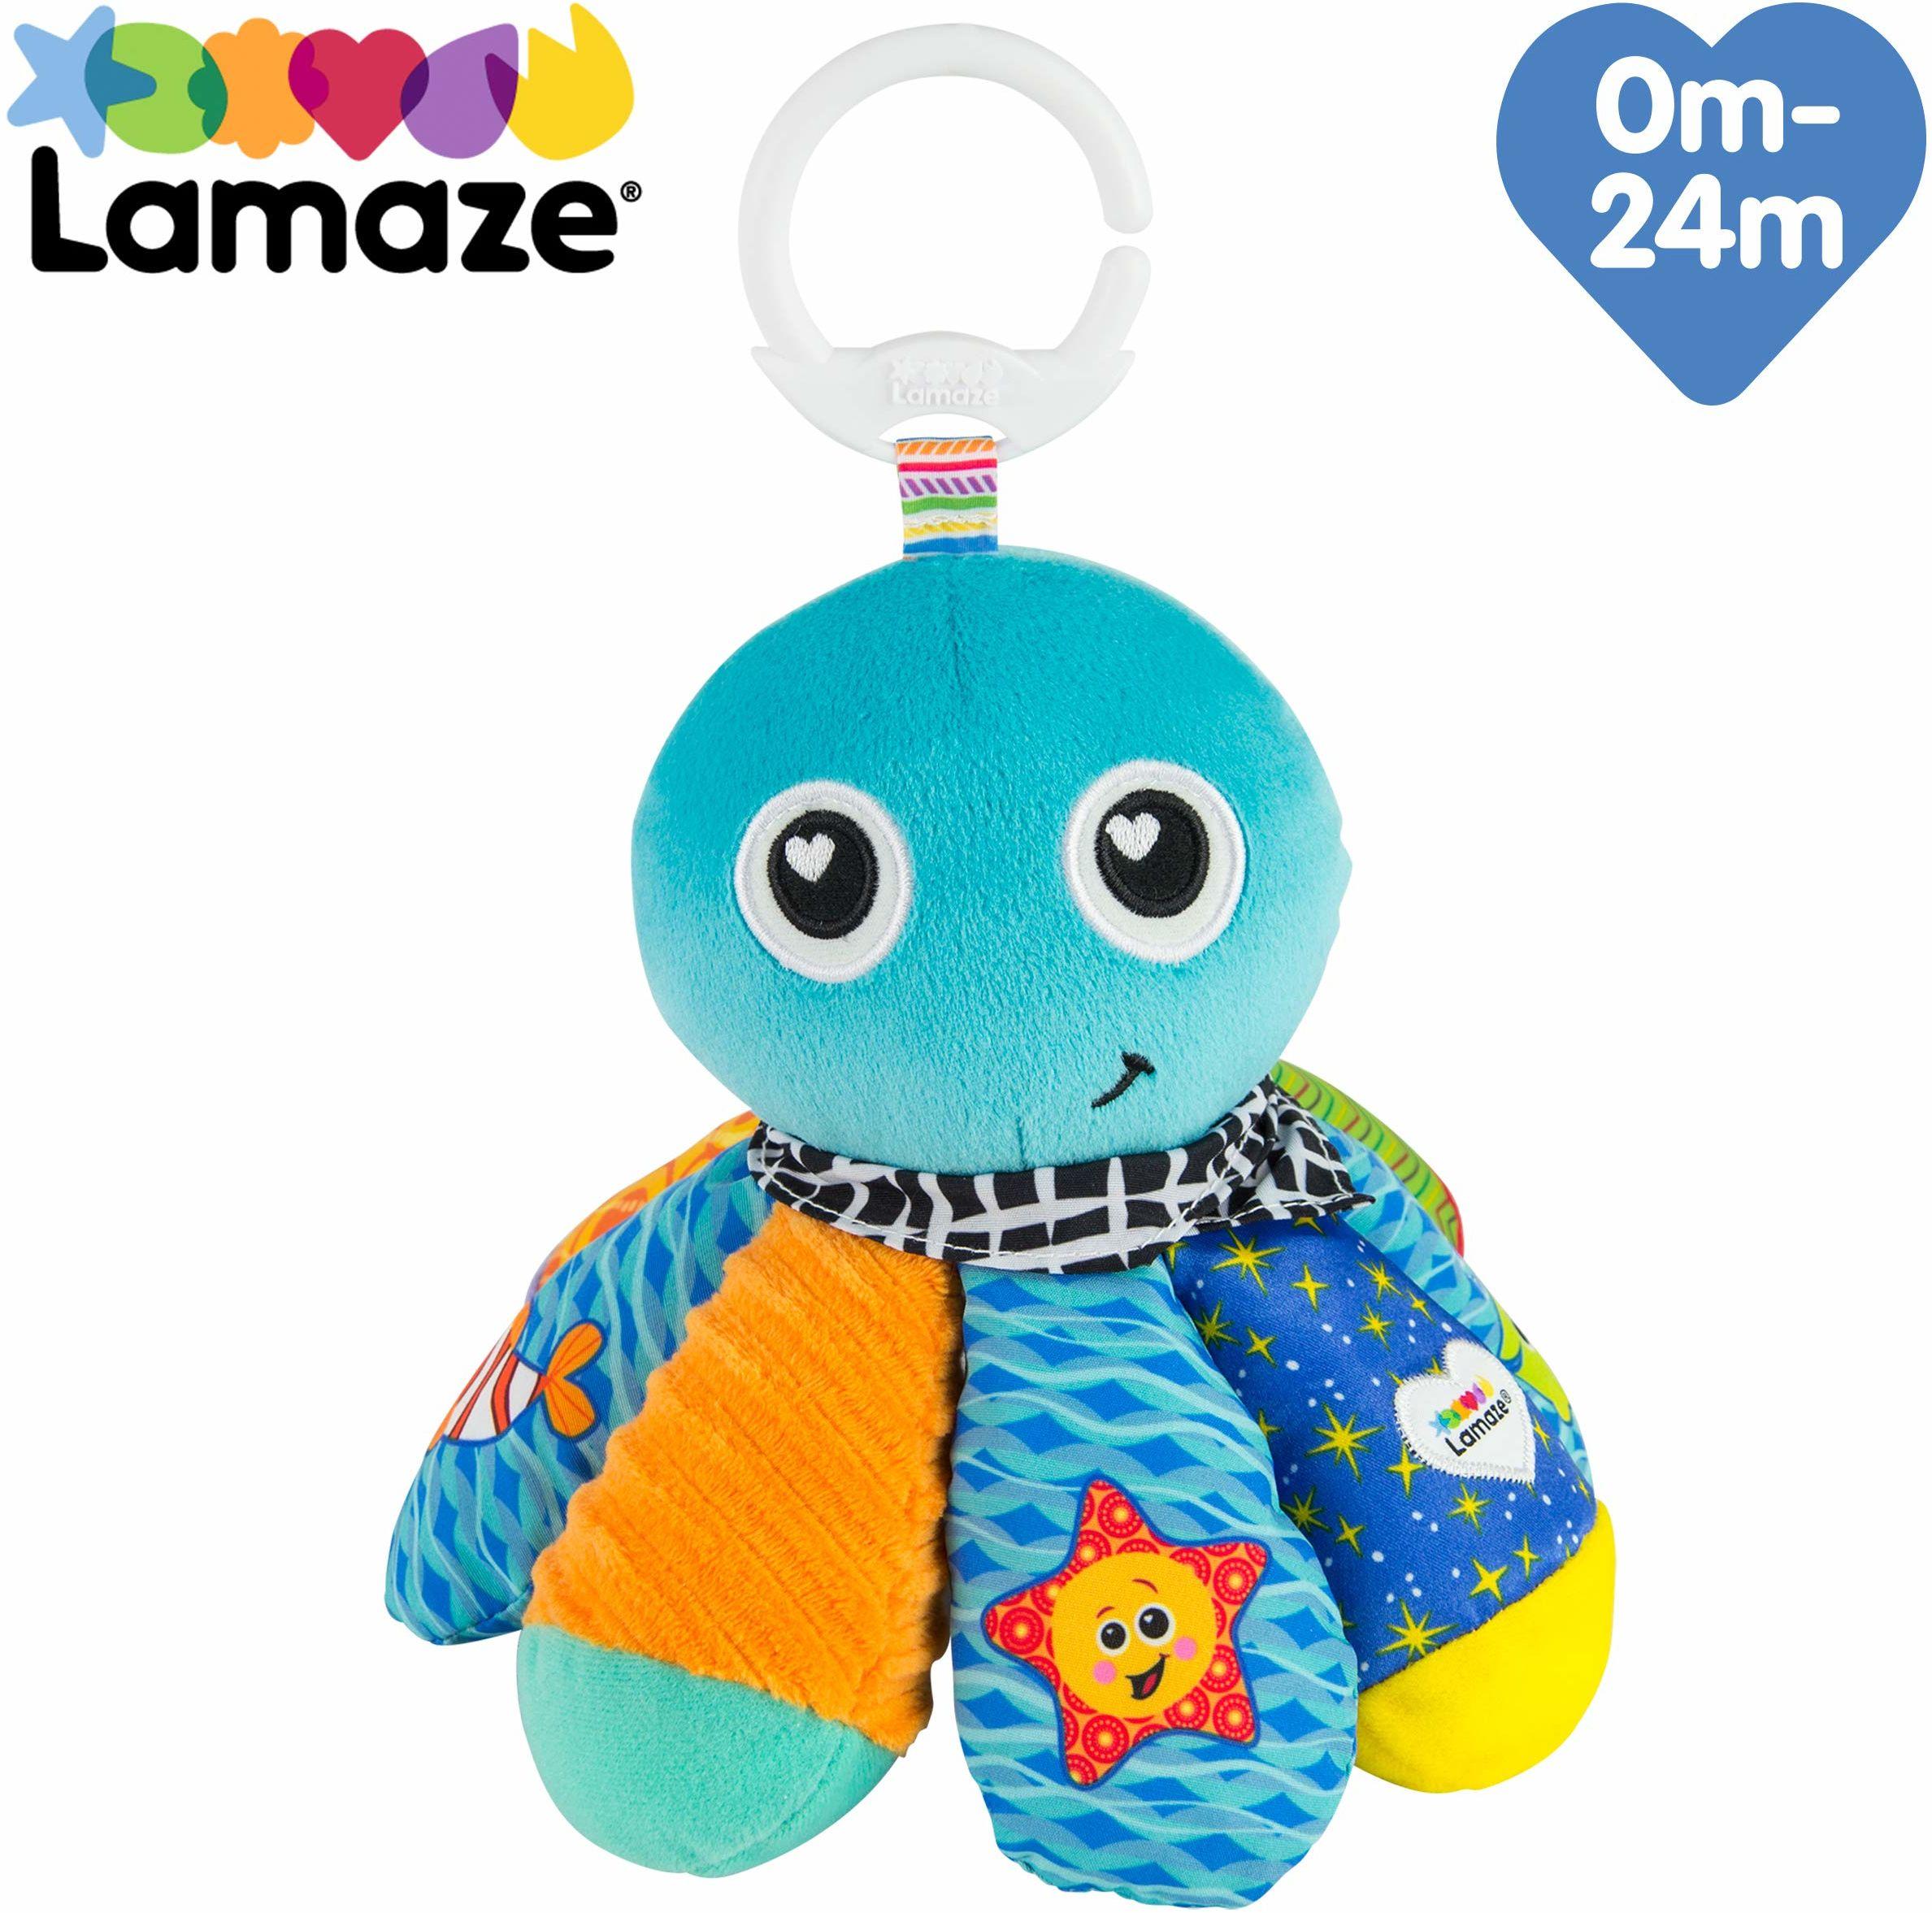 """Lamaze Zabawka dla niemowląt """"Sam, oktopus"""" Clip & Go wysokiej jakości zabawka dla małych dzieci. Piszczący łapacz wspomaga motorykę i jest idealną zabawką do wózka dziecięcego i przytulanką"""